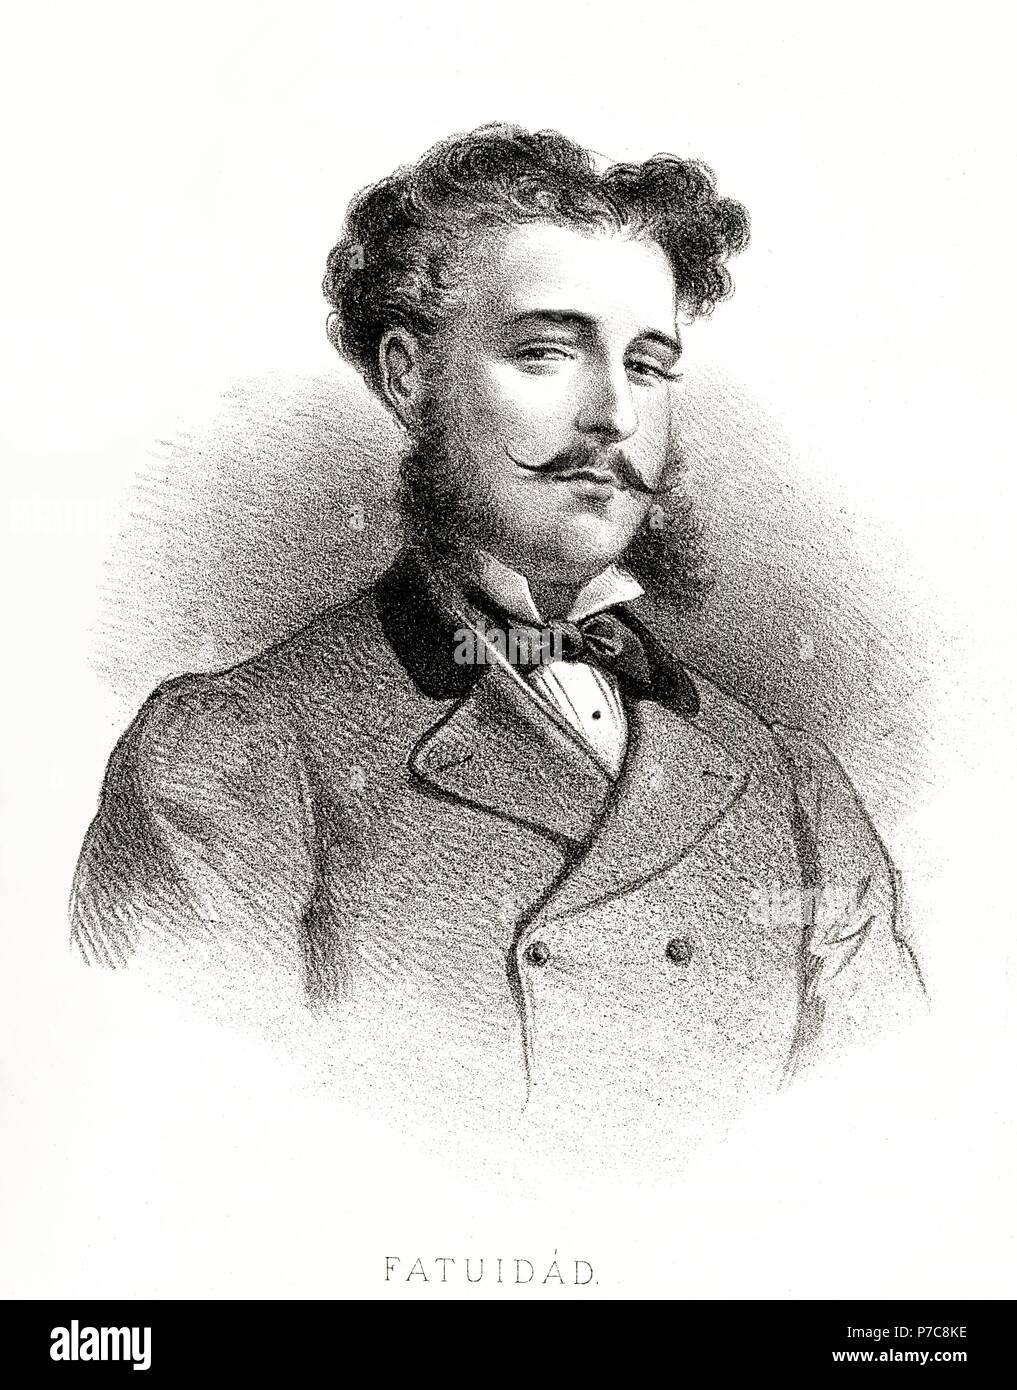 Carácteres del individuo. Hombre fatuo. Grabado de 1870. Stock Photo